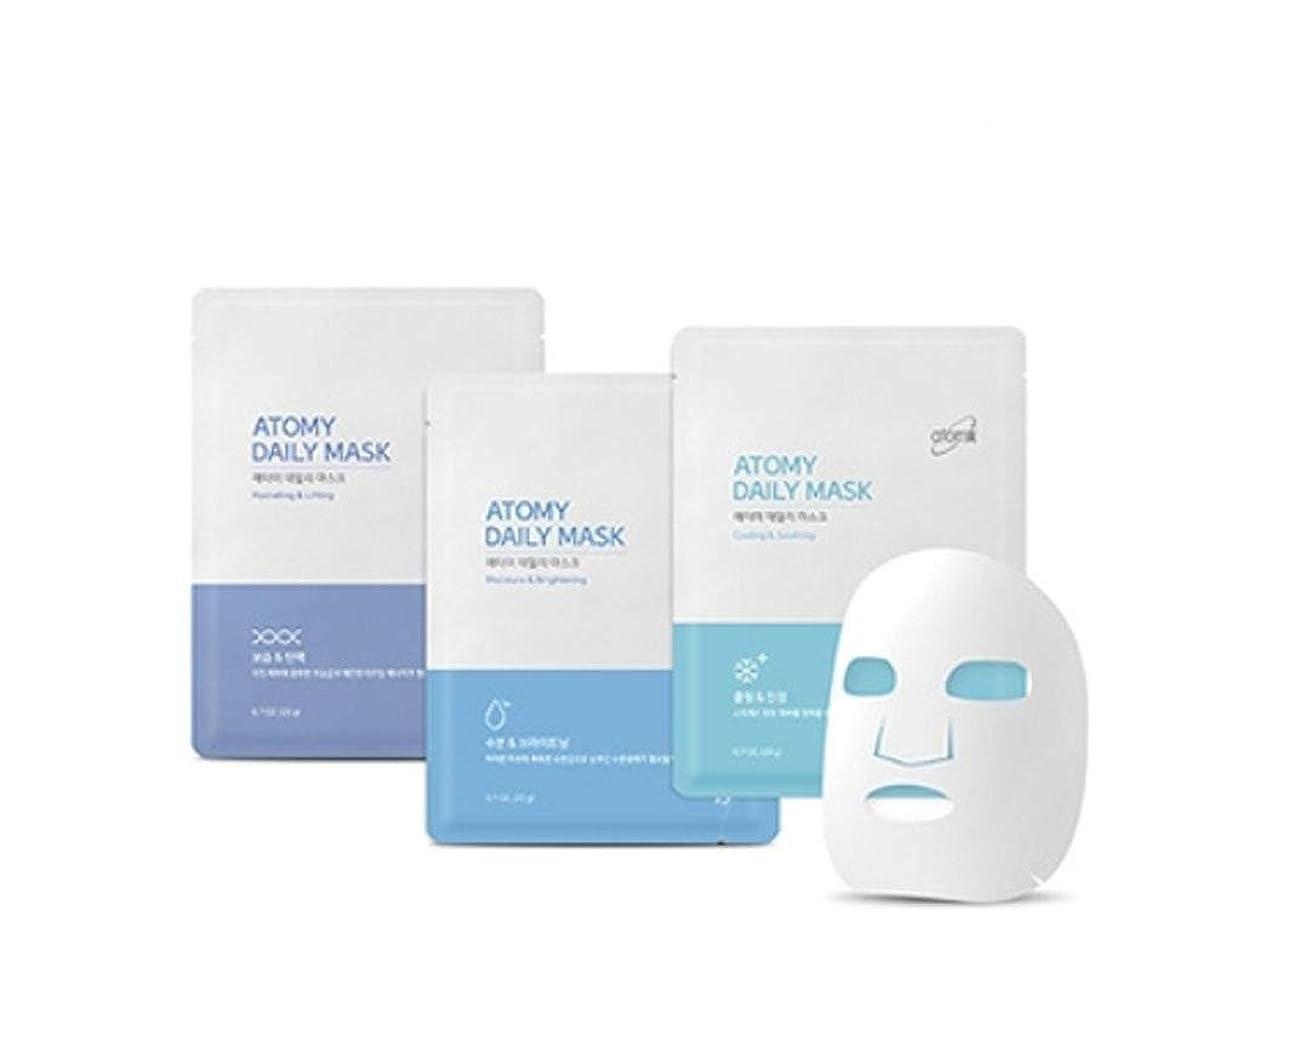 滅多平らな見分ける[NEW] Atomy Daily Mask Sheet 3 Type Combo 30 Pack- Moisture & Brightening,Cooling & Soothing,Moisture & Brightening アトミ 自然由来の成分と4つの特許成分マスクパック(並行輸入品)